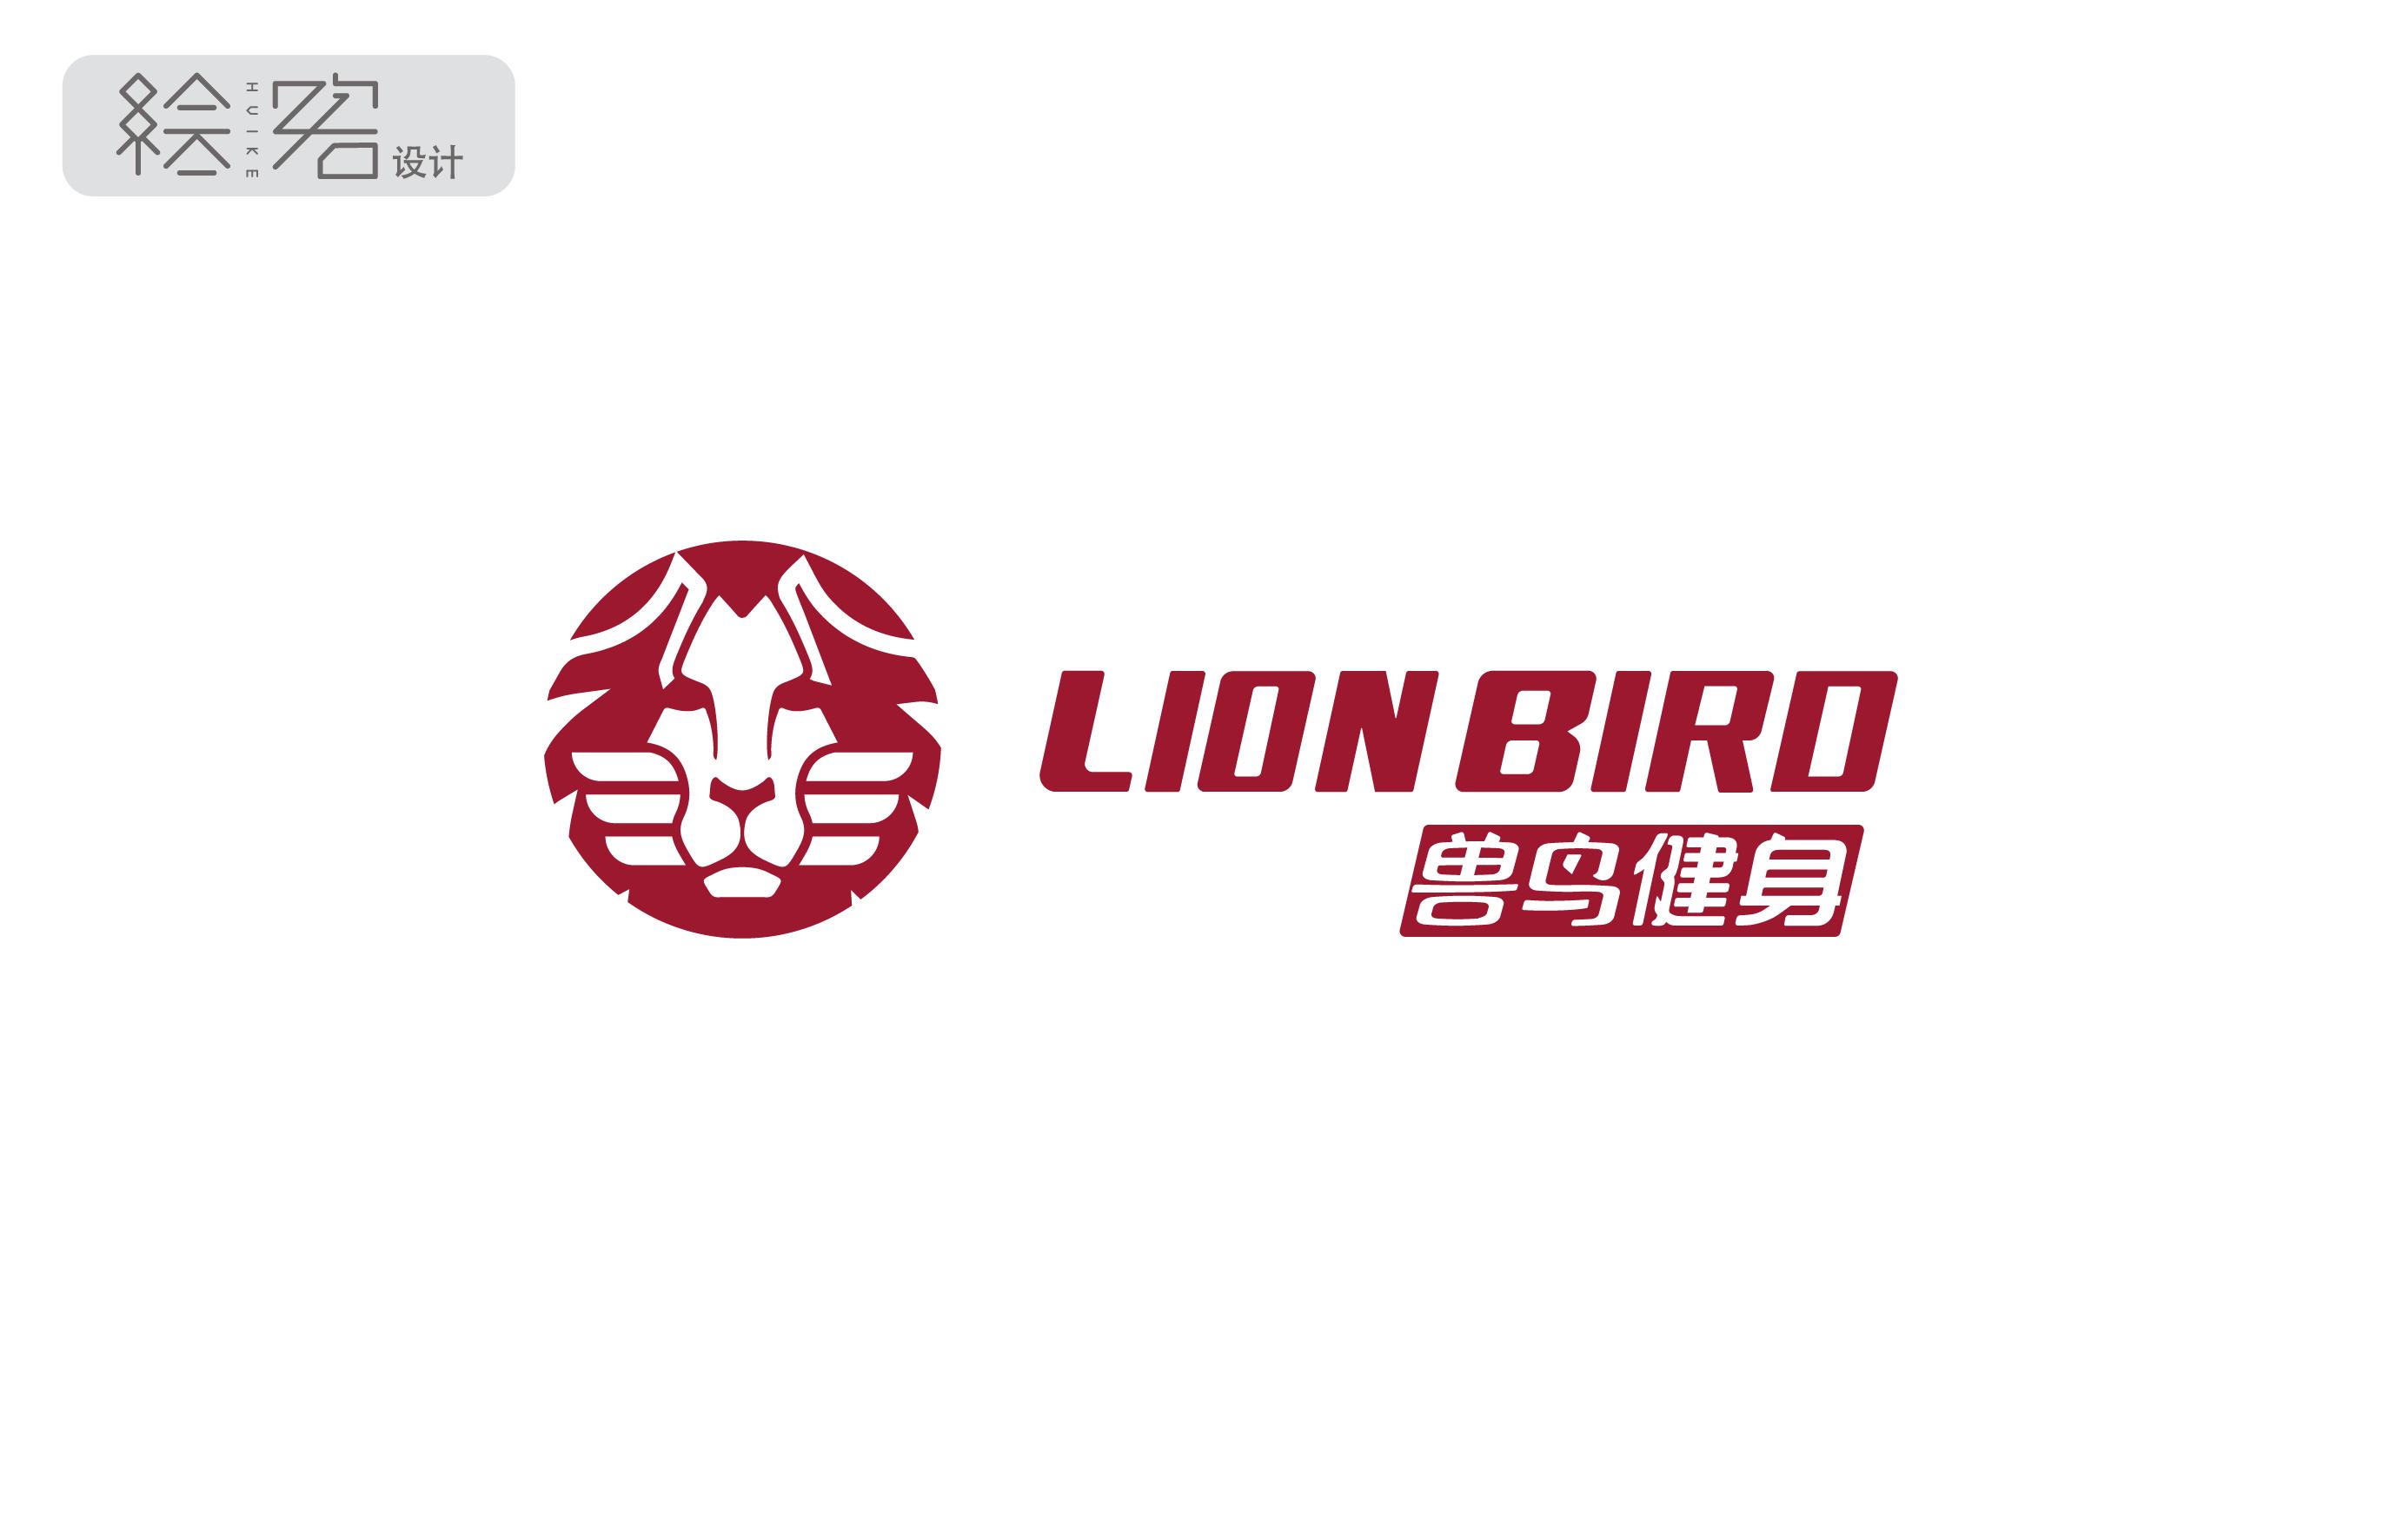 企业公司品牌logo文化教育餐饮中国风国际风logo原创设计